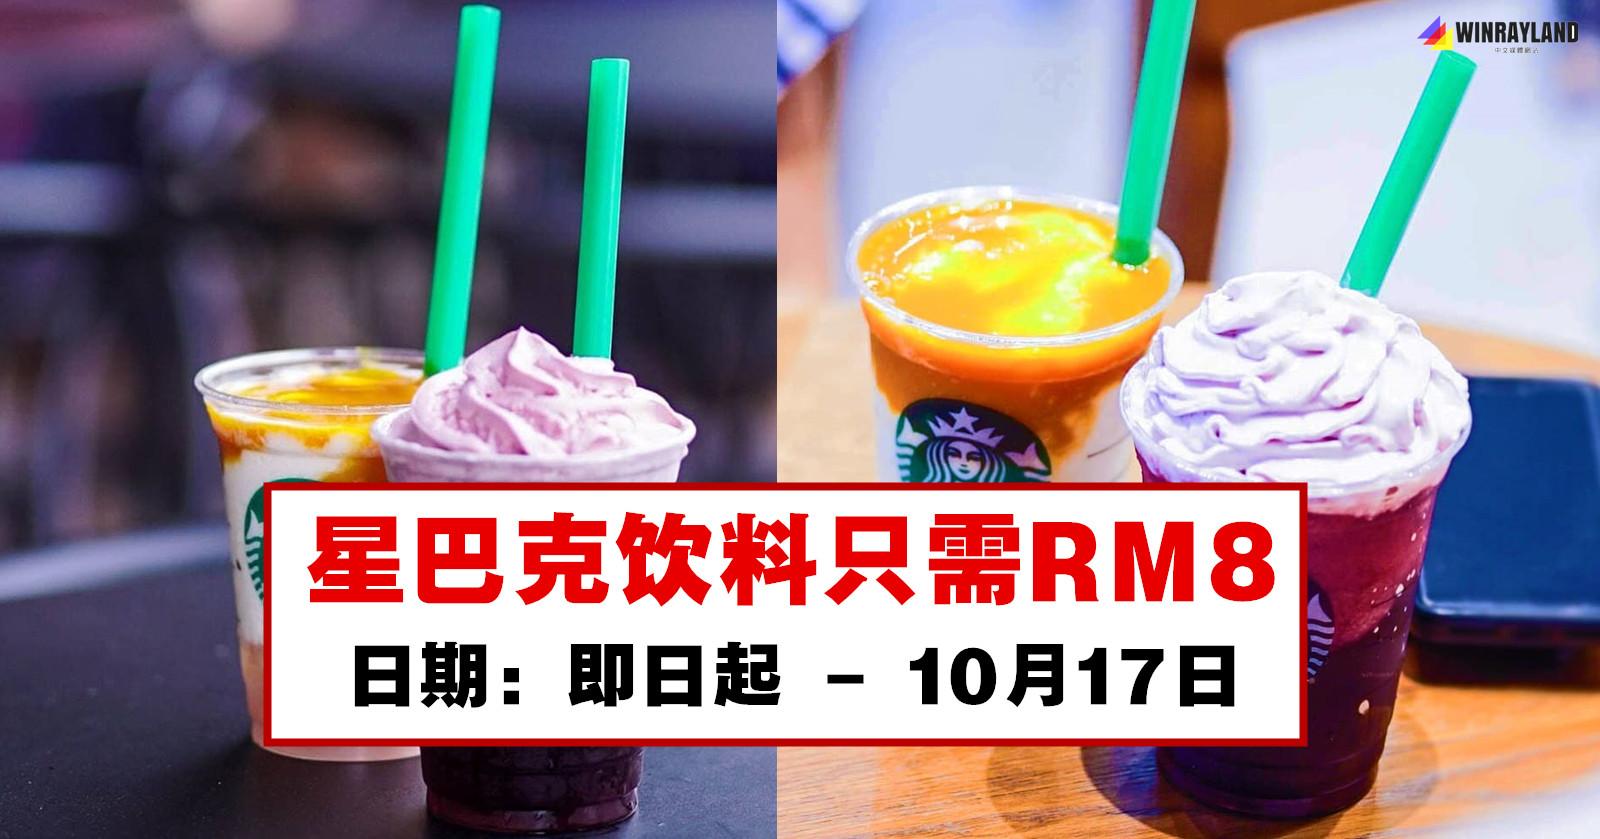 星巴克饮料特价优惠,最低只需RM8